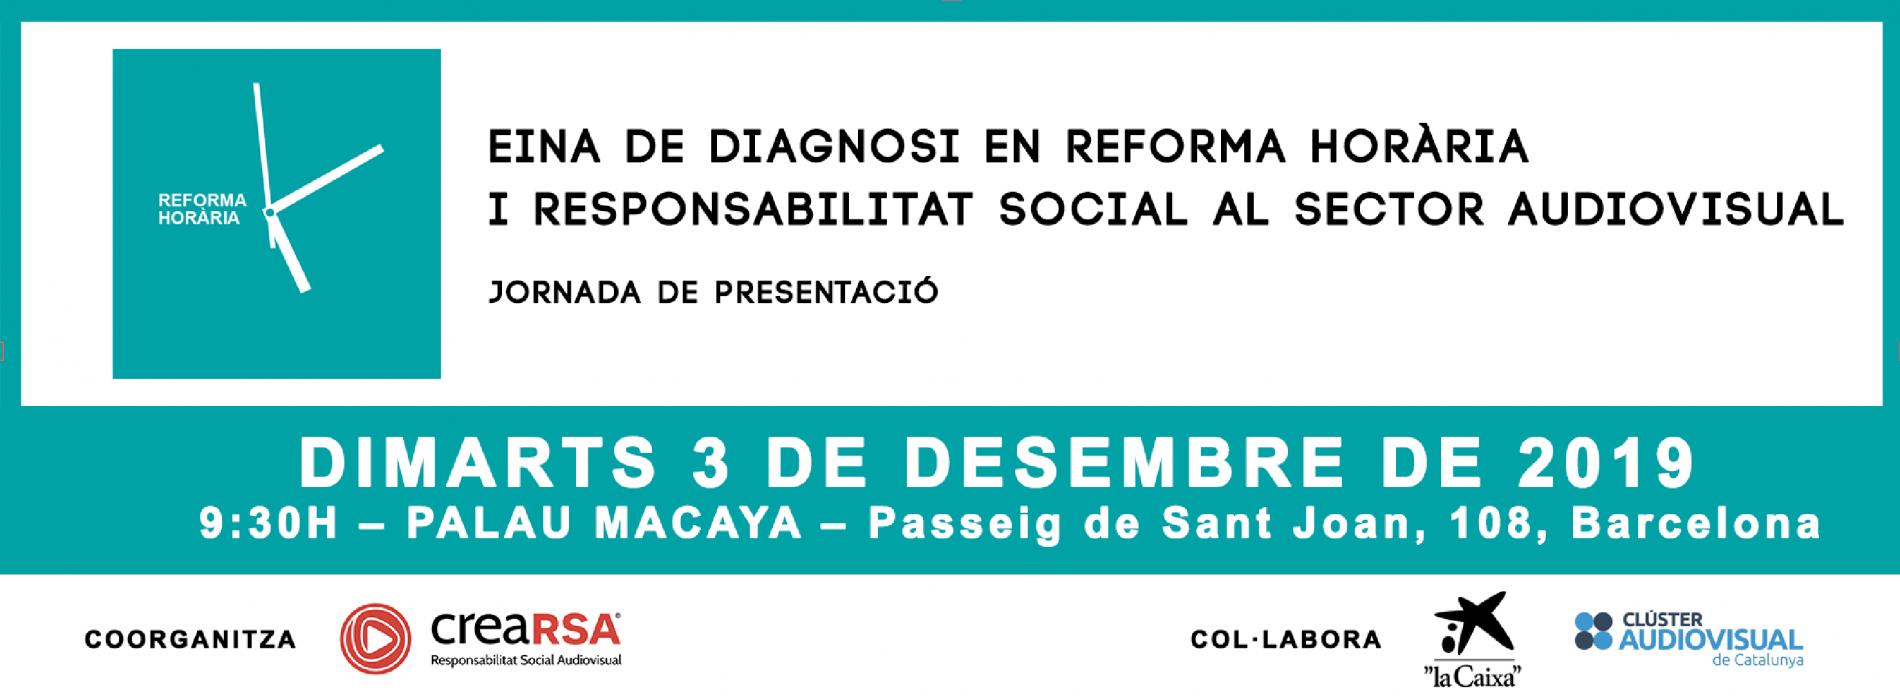 El proper 3 de desempre es presenta l'Eina de Diagnosi en Responsabilitat Social